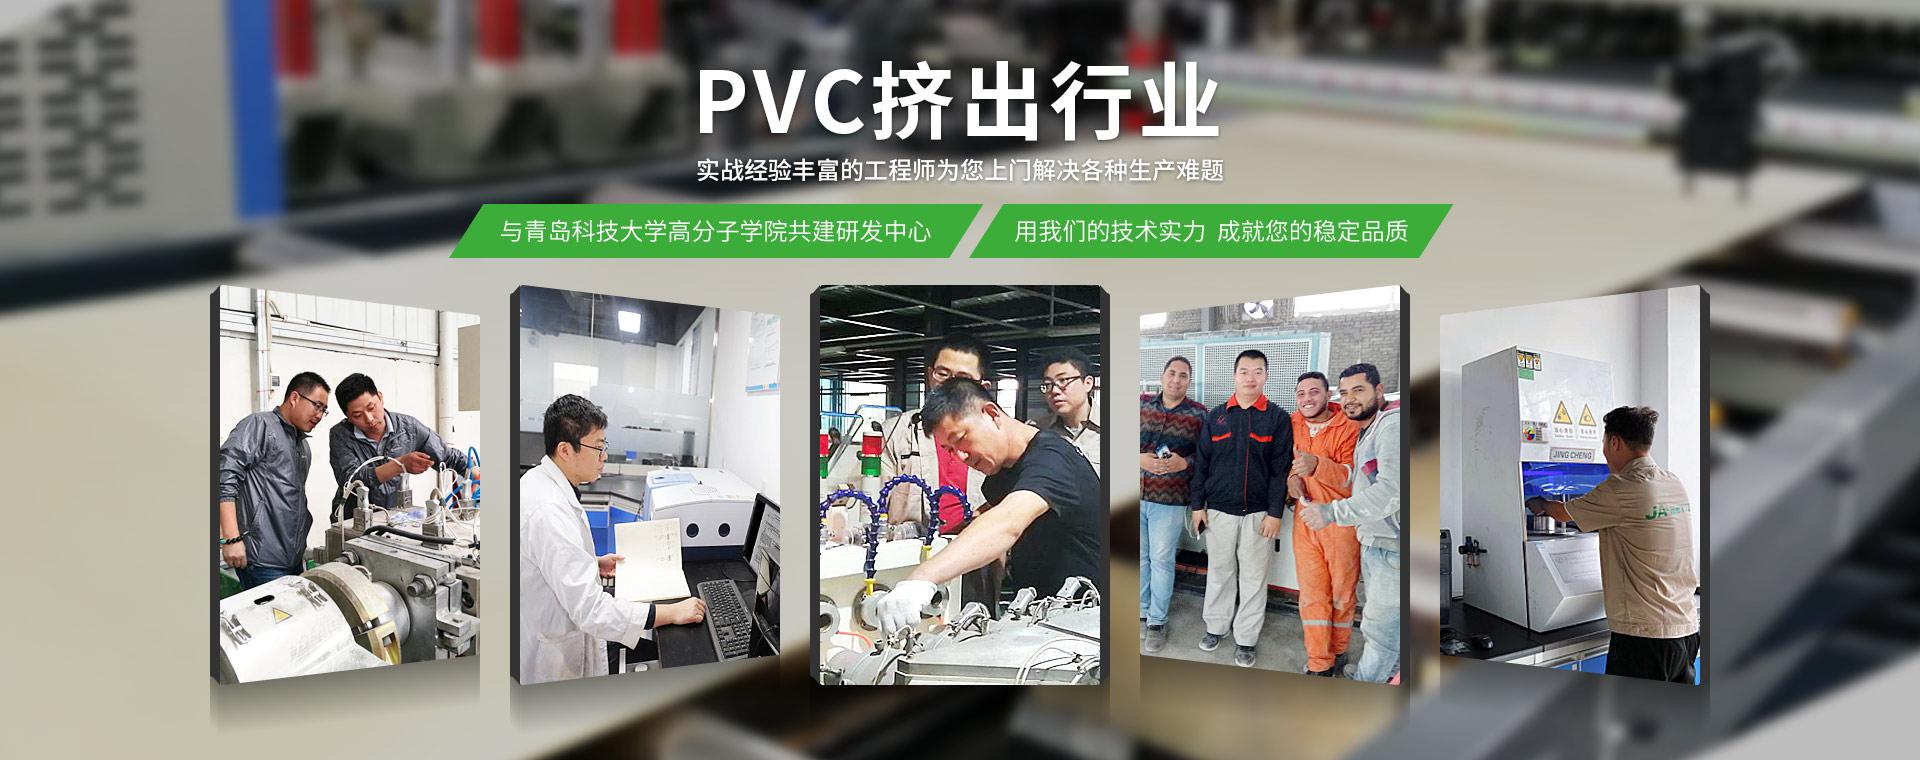 PVC生产,我们上门服务